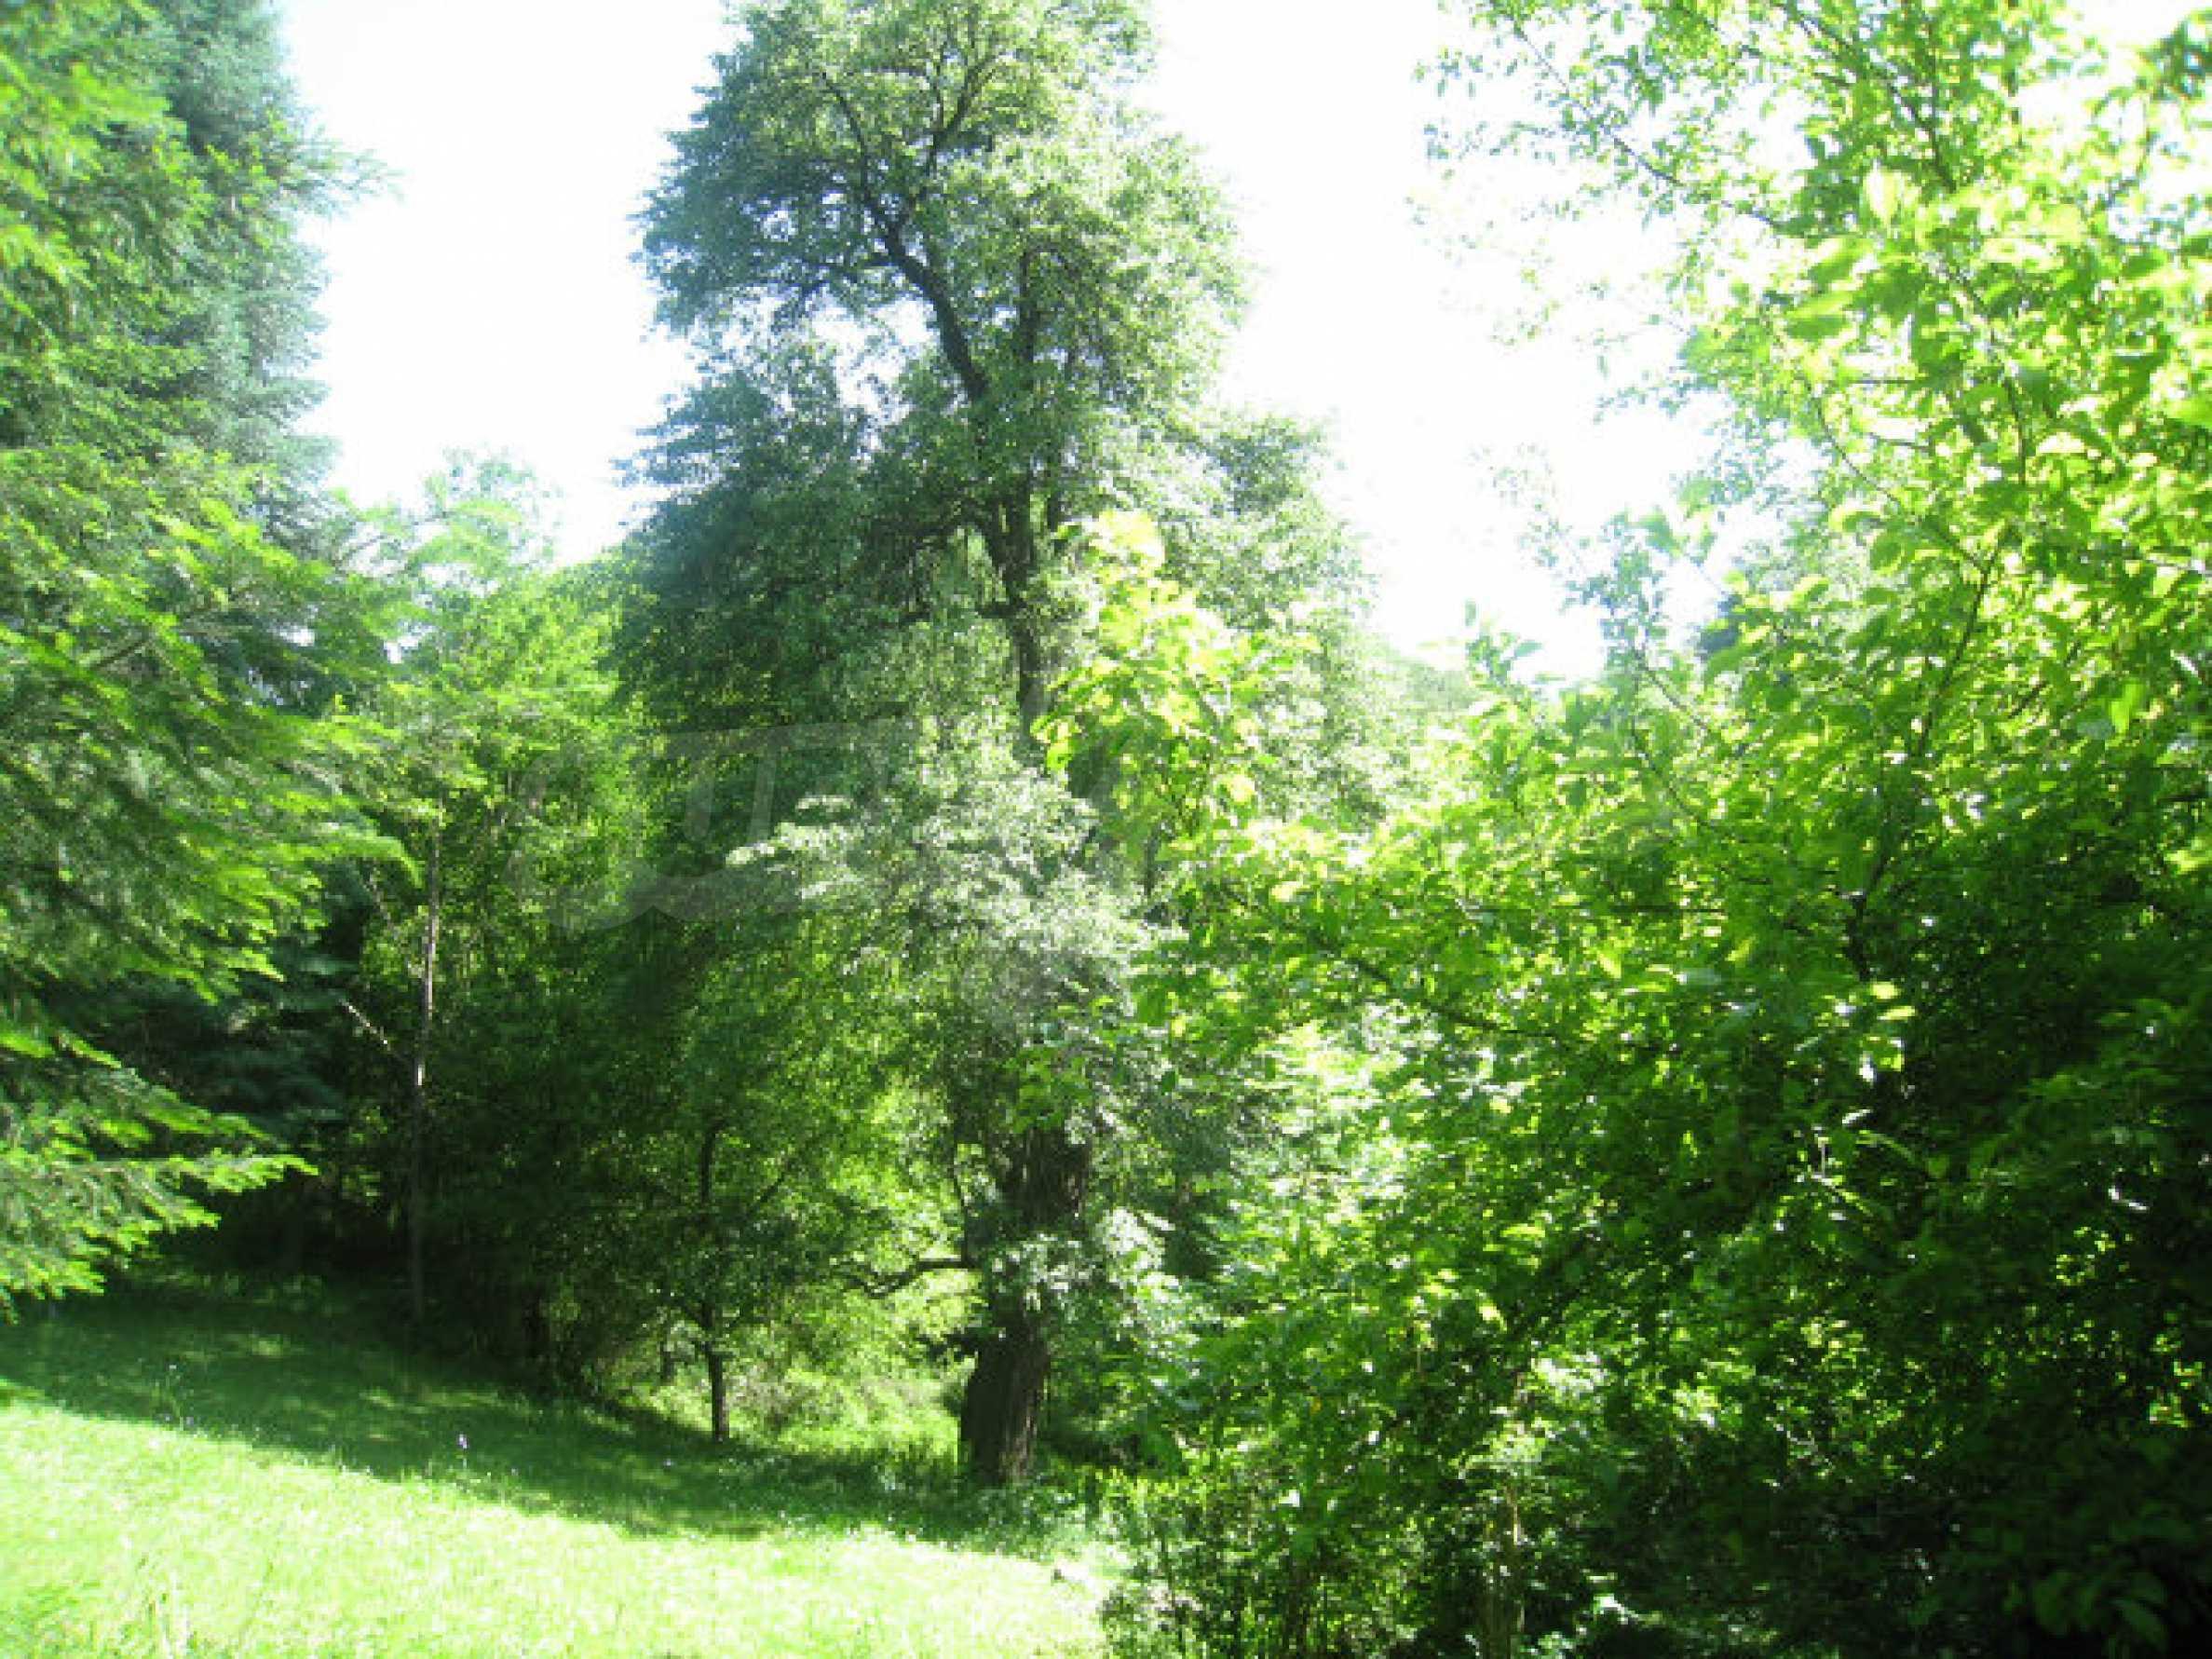 Development land in village 48 km from Svoge 22